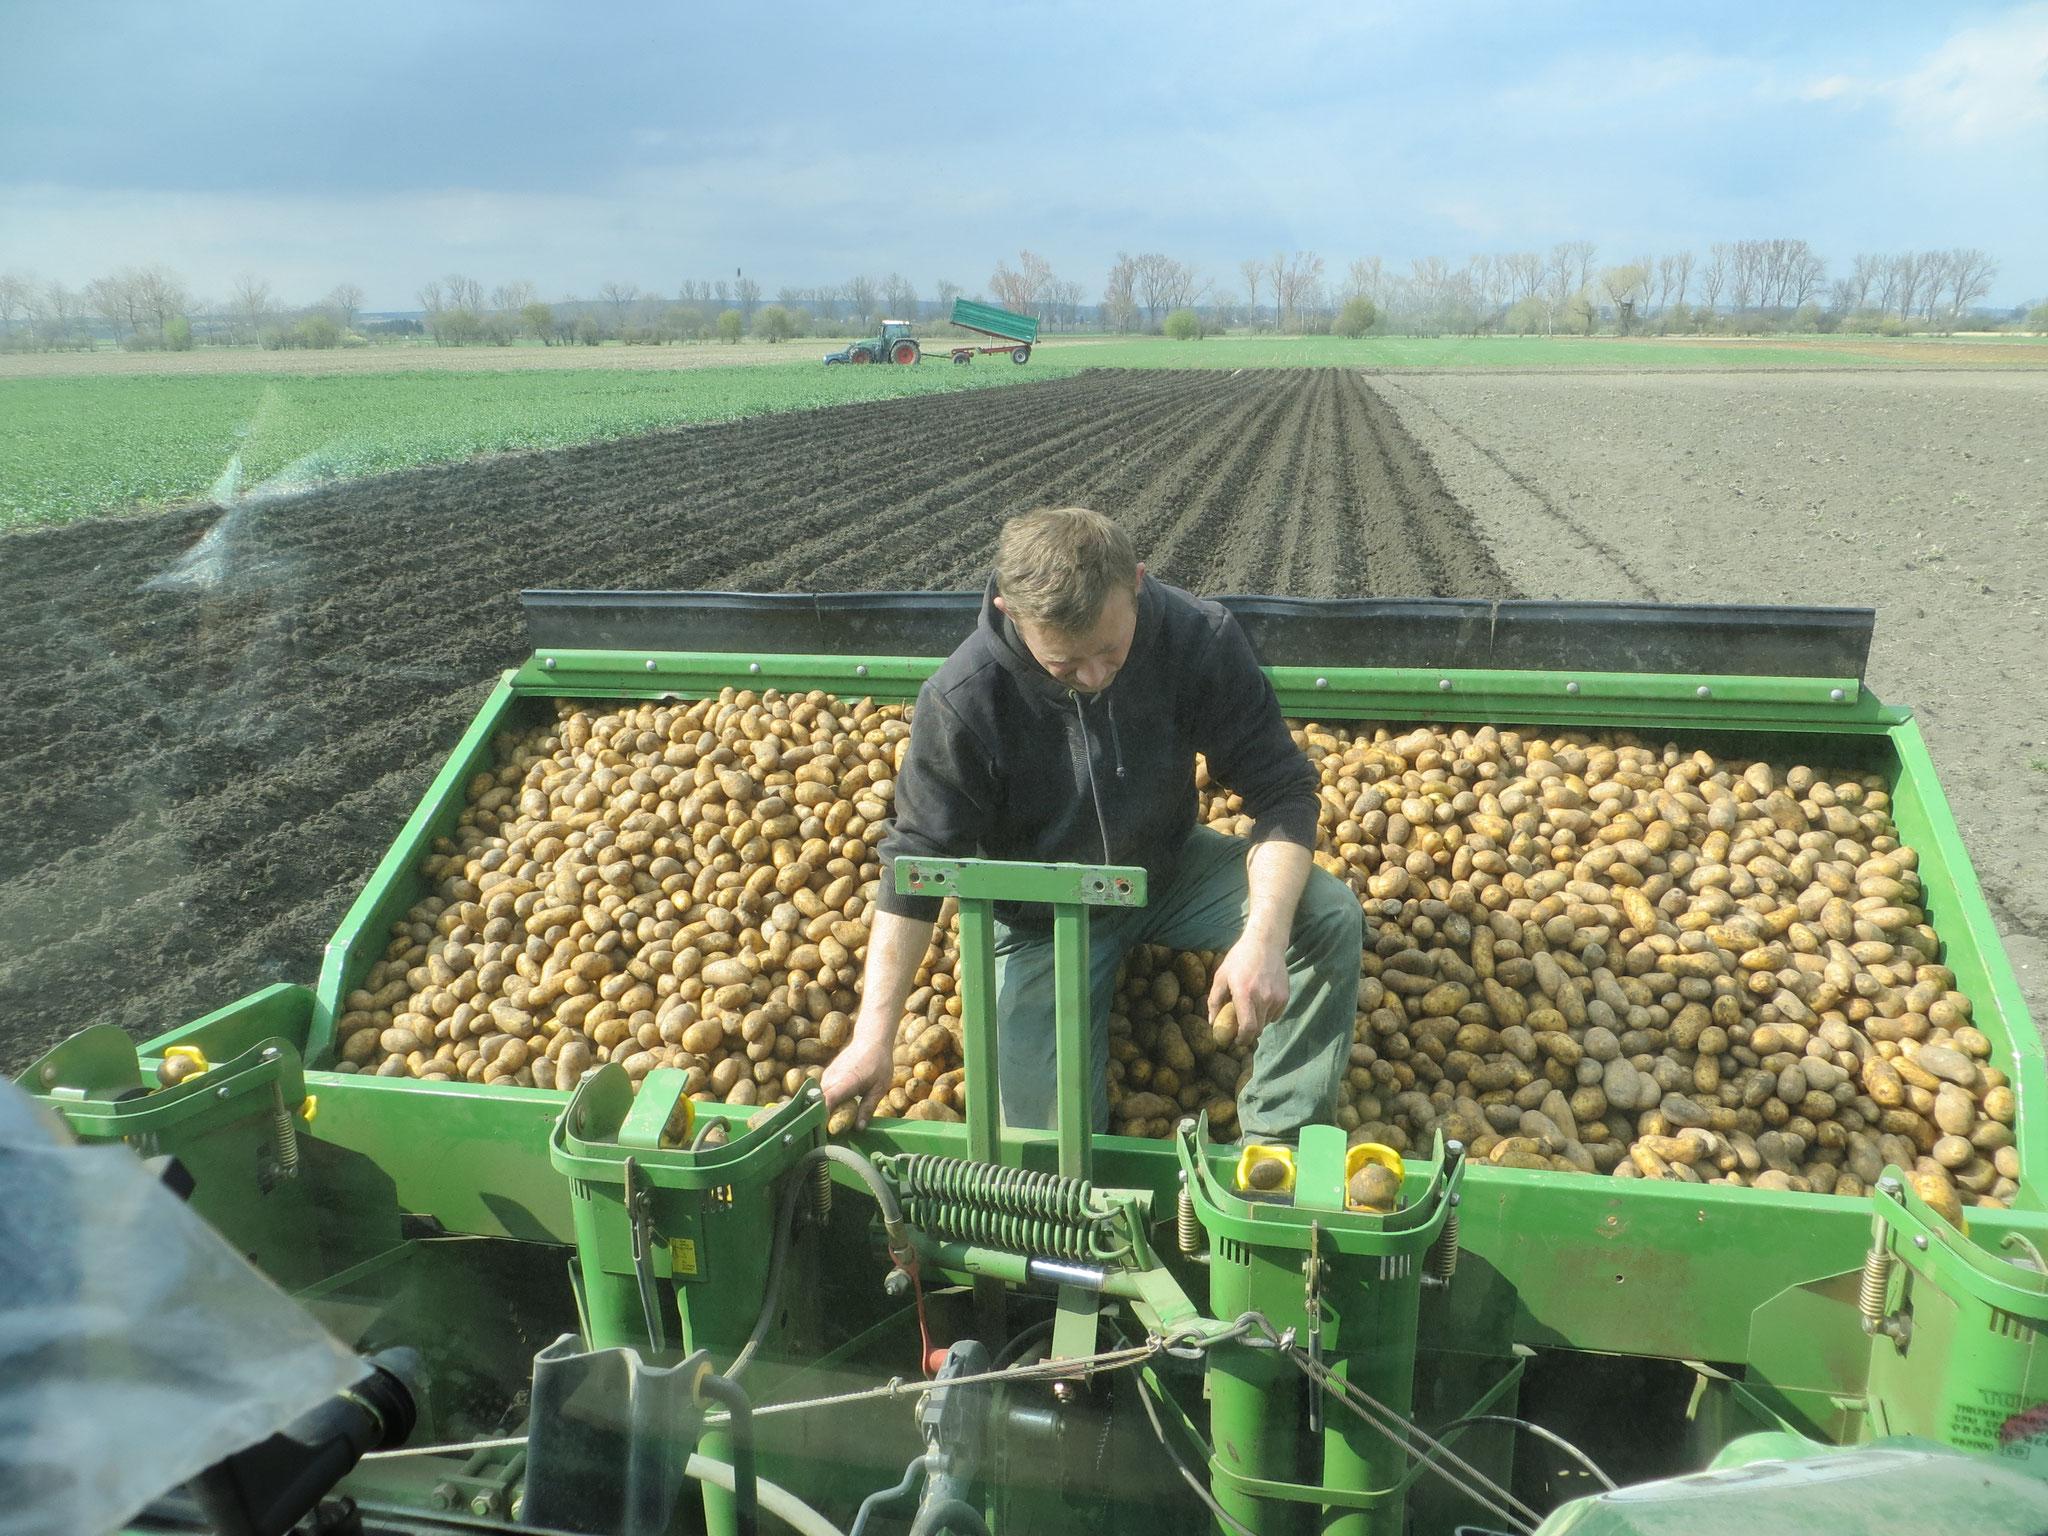 Kartoffellegen 2016: Die einzelnen Kartoffeln werden durch die Maschine in den Damm gelegt.